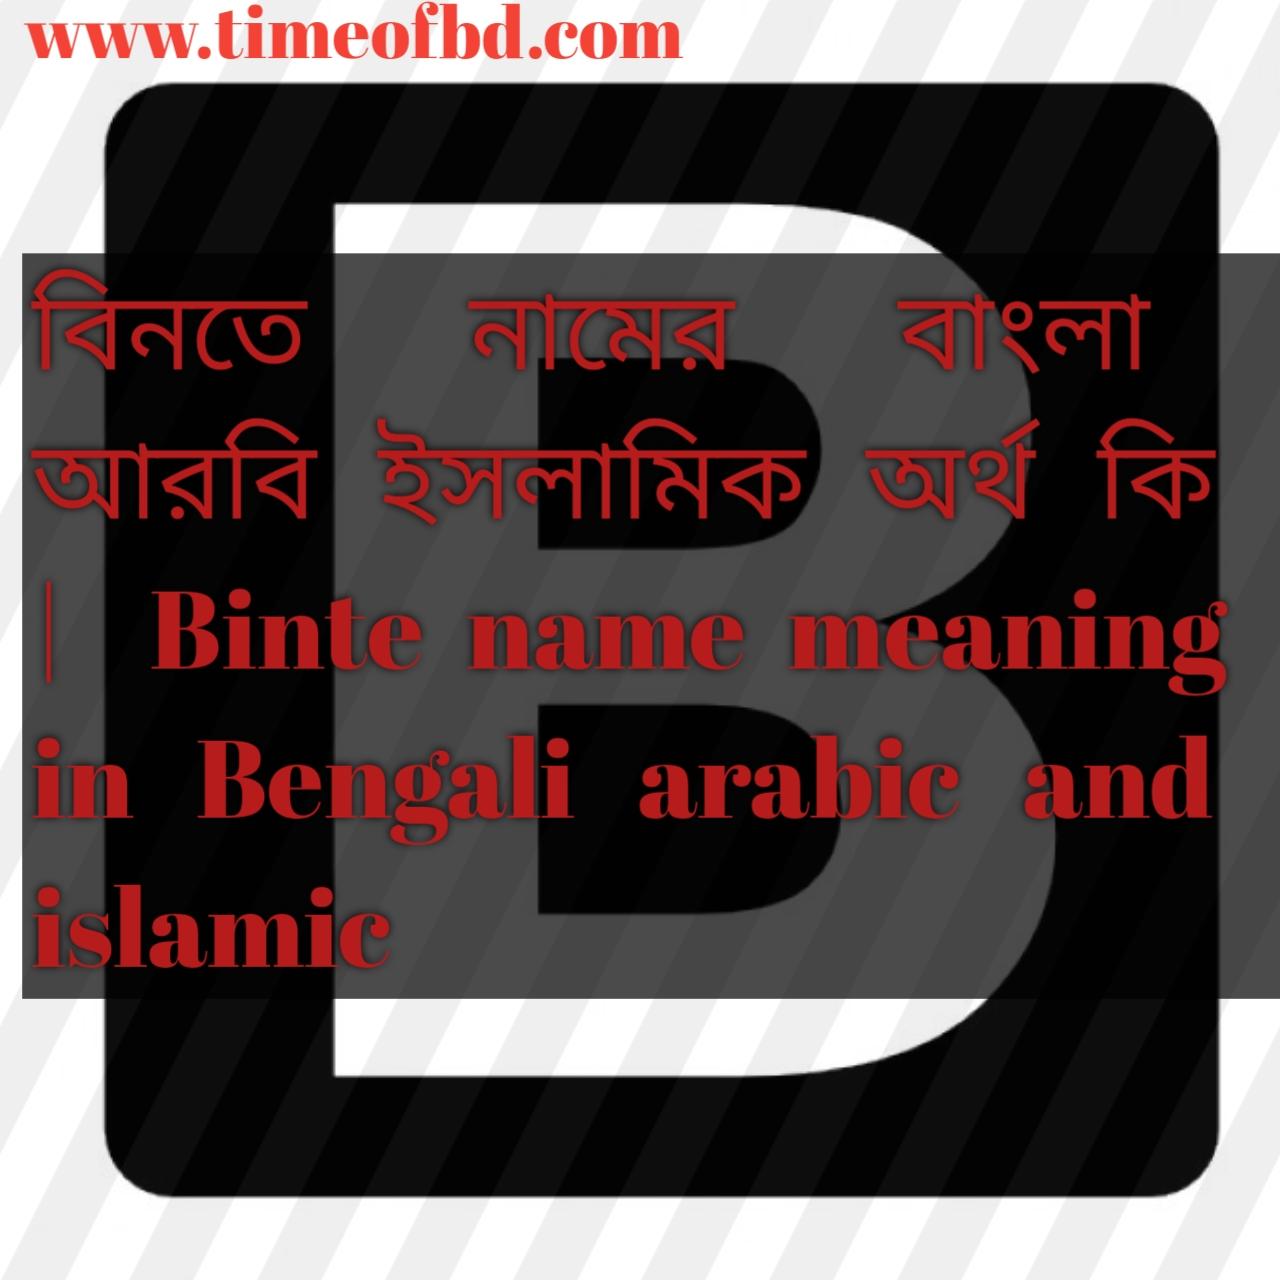 বিনতে নামের অর্থ কি, বিনতে নামের বাংলা অর্থ কি, বিনতে নামের ইসলামিক অর্থ কি, Sumaiya name in Bengali, বিনতে কি ইসলামিক নাম